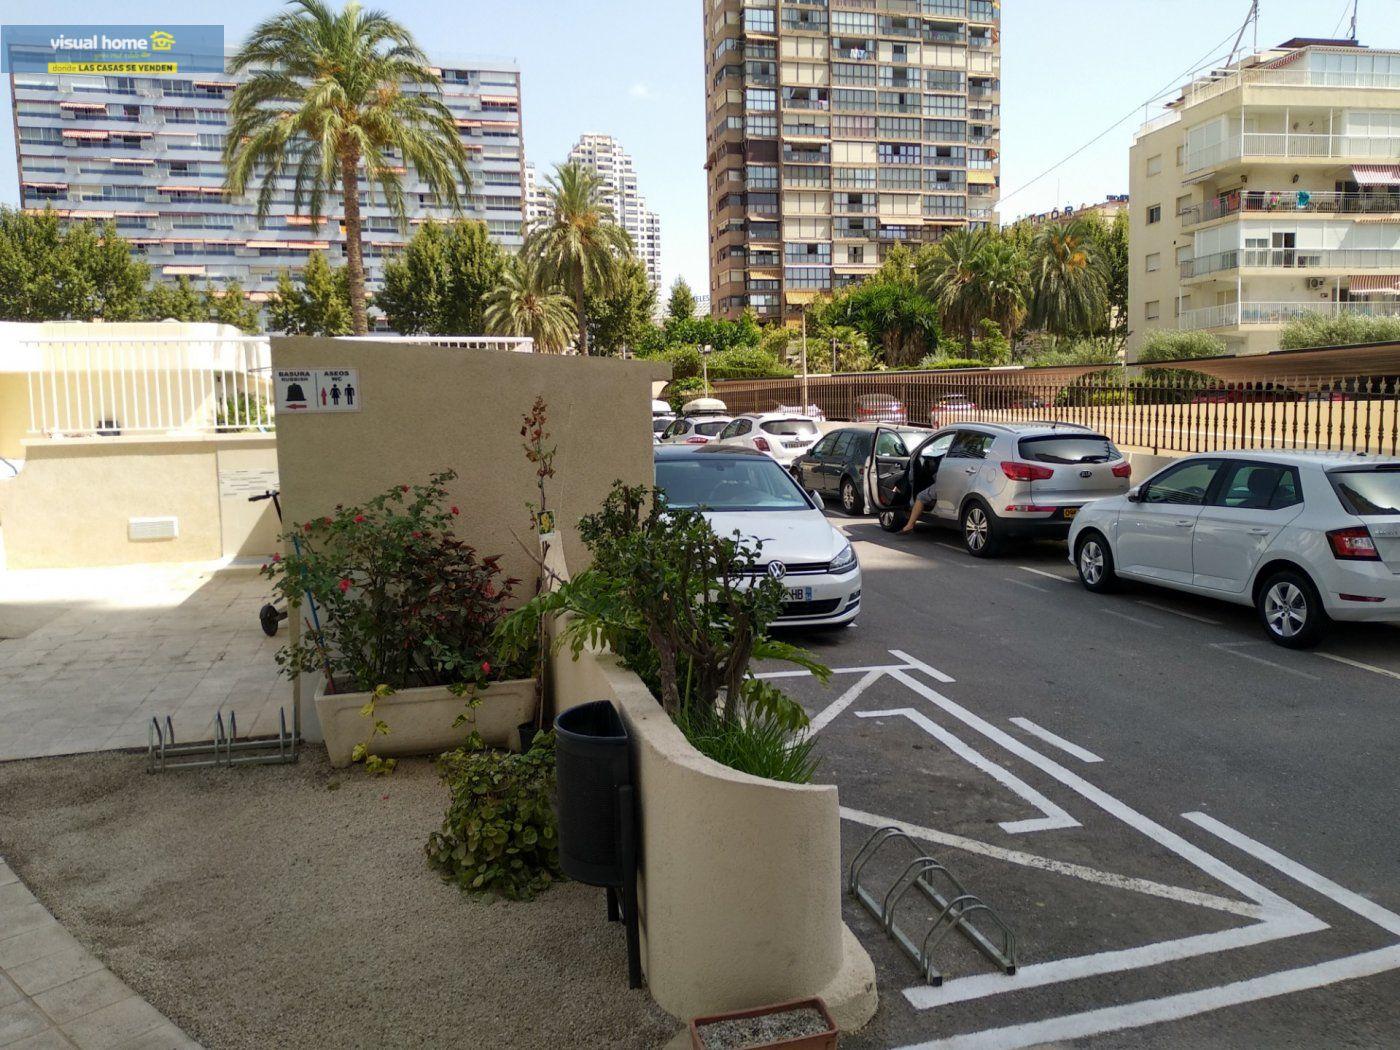 Apartamento de 1 dormitorio con espectaculares vistas  en 1ª linea de playa con parking y piscina 30